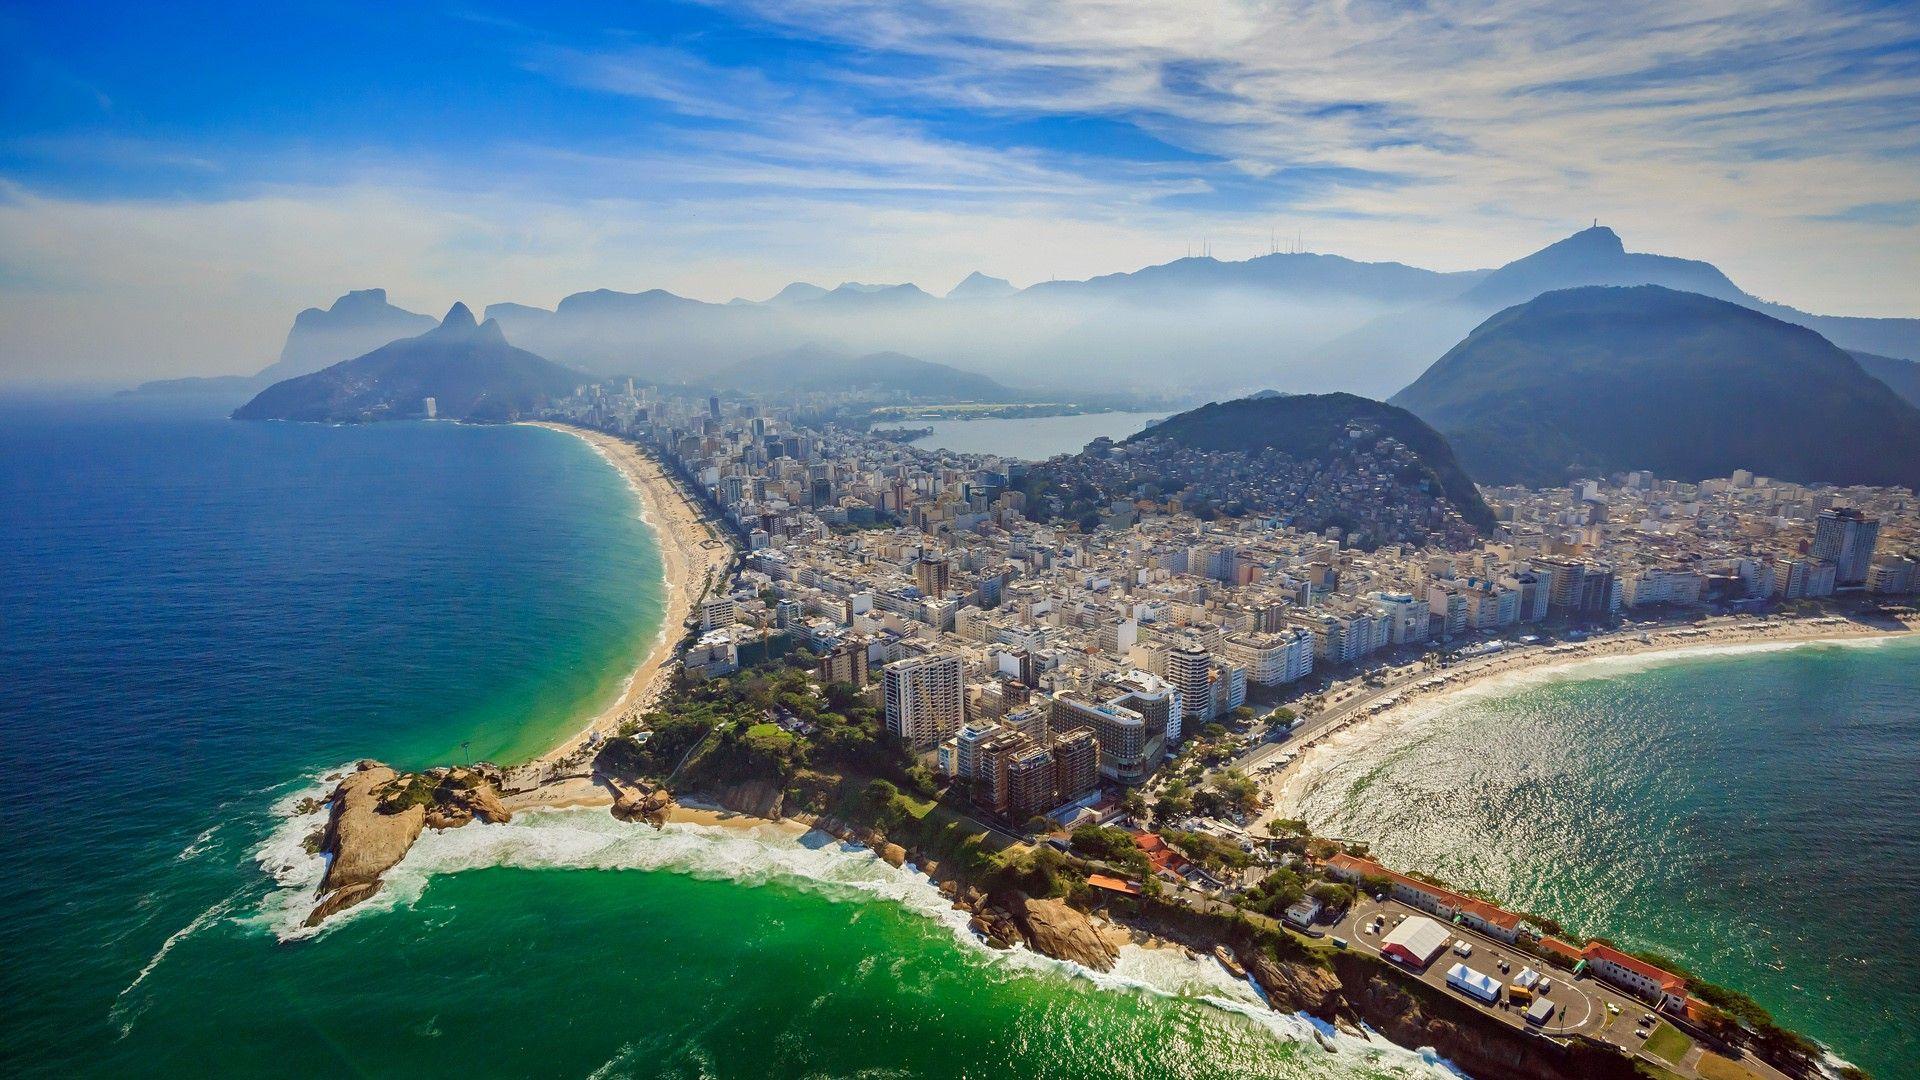 Copacabana Beach And Ipanema Beach Rio De Janeiro Copacabana Beach Copacabana Ipanema Beach